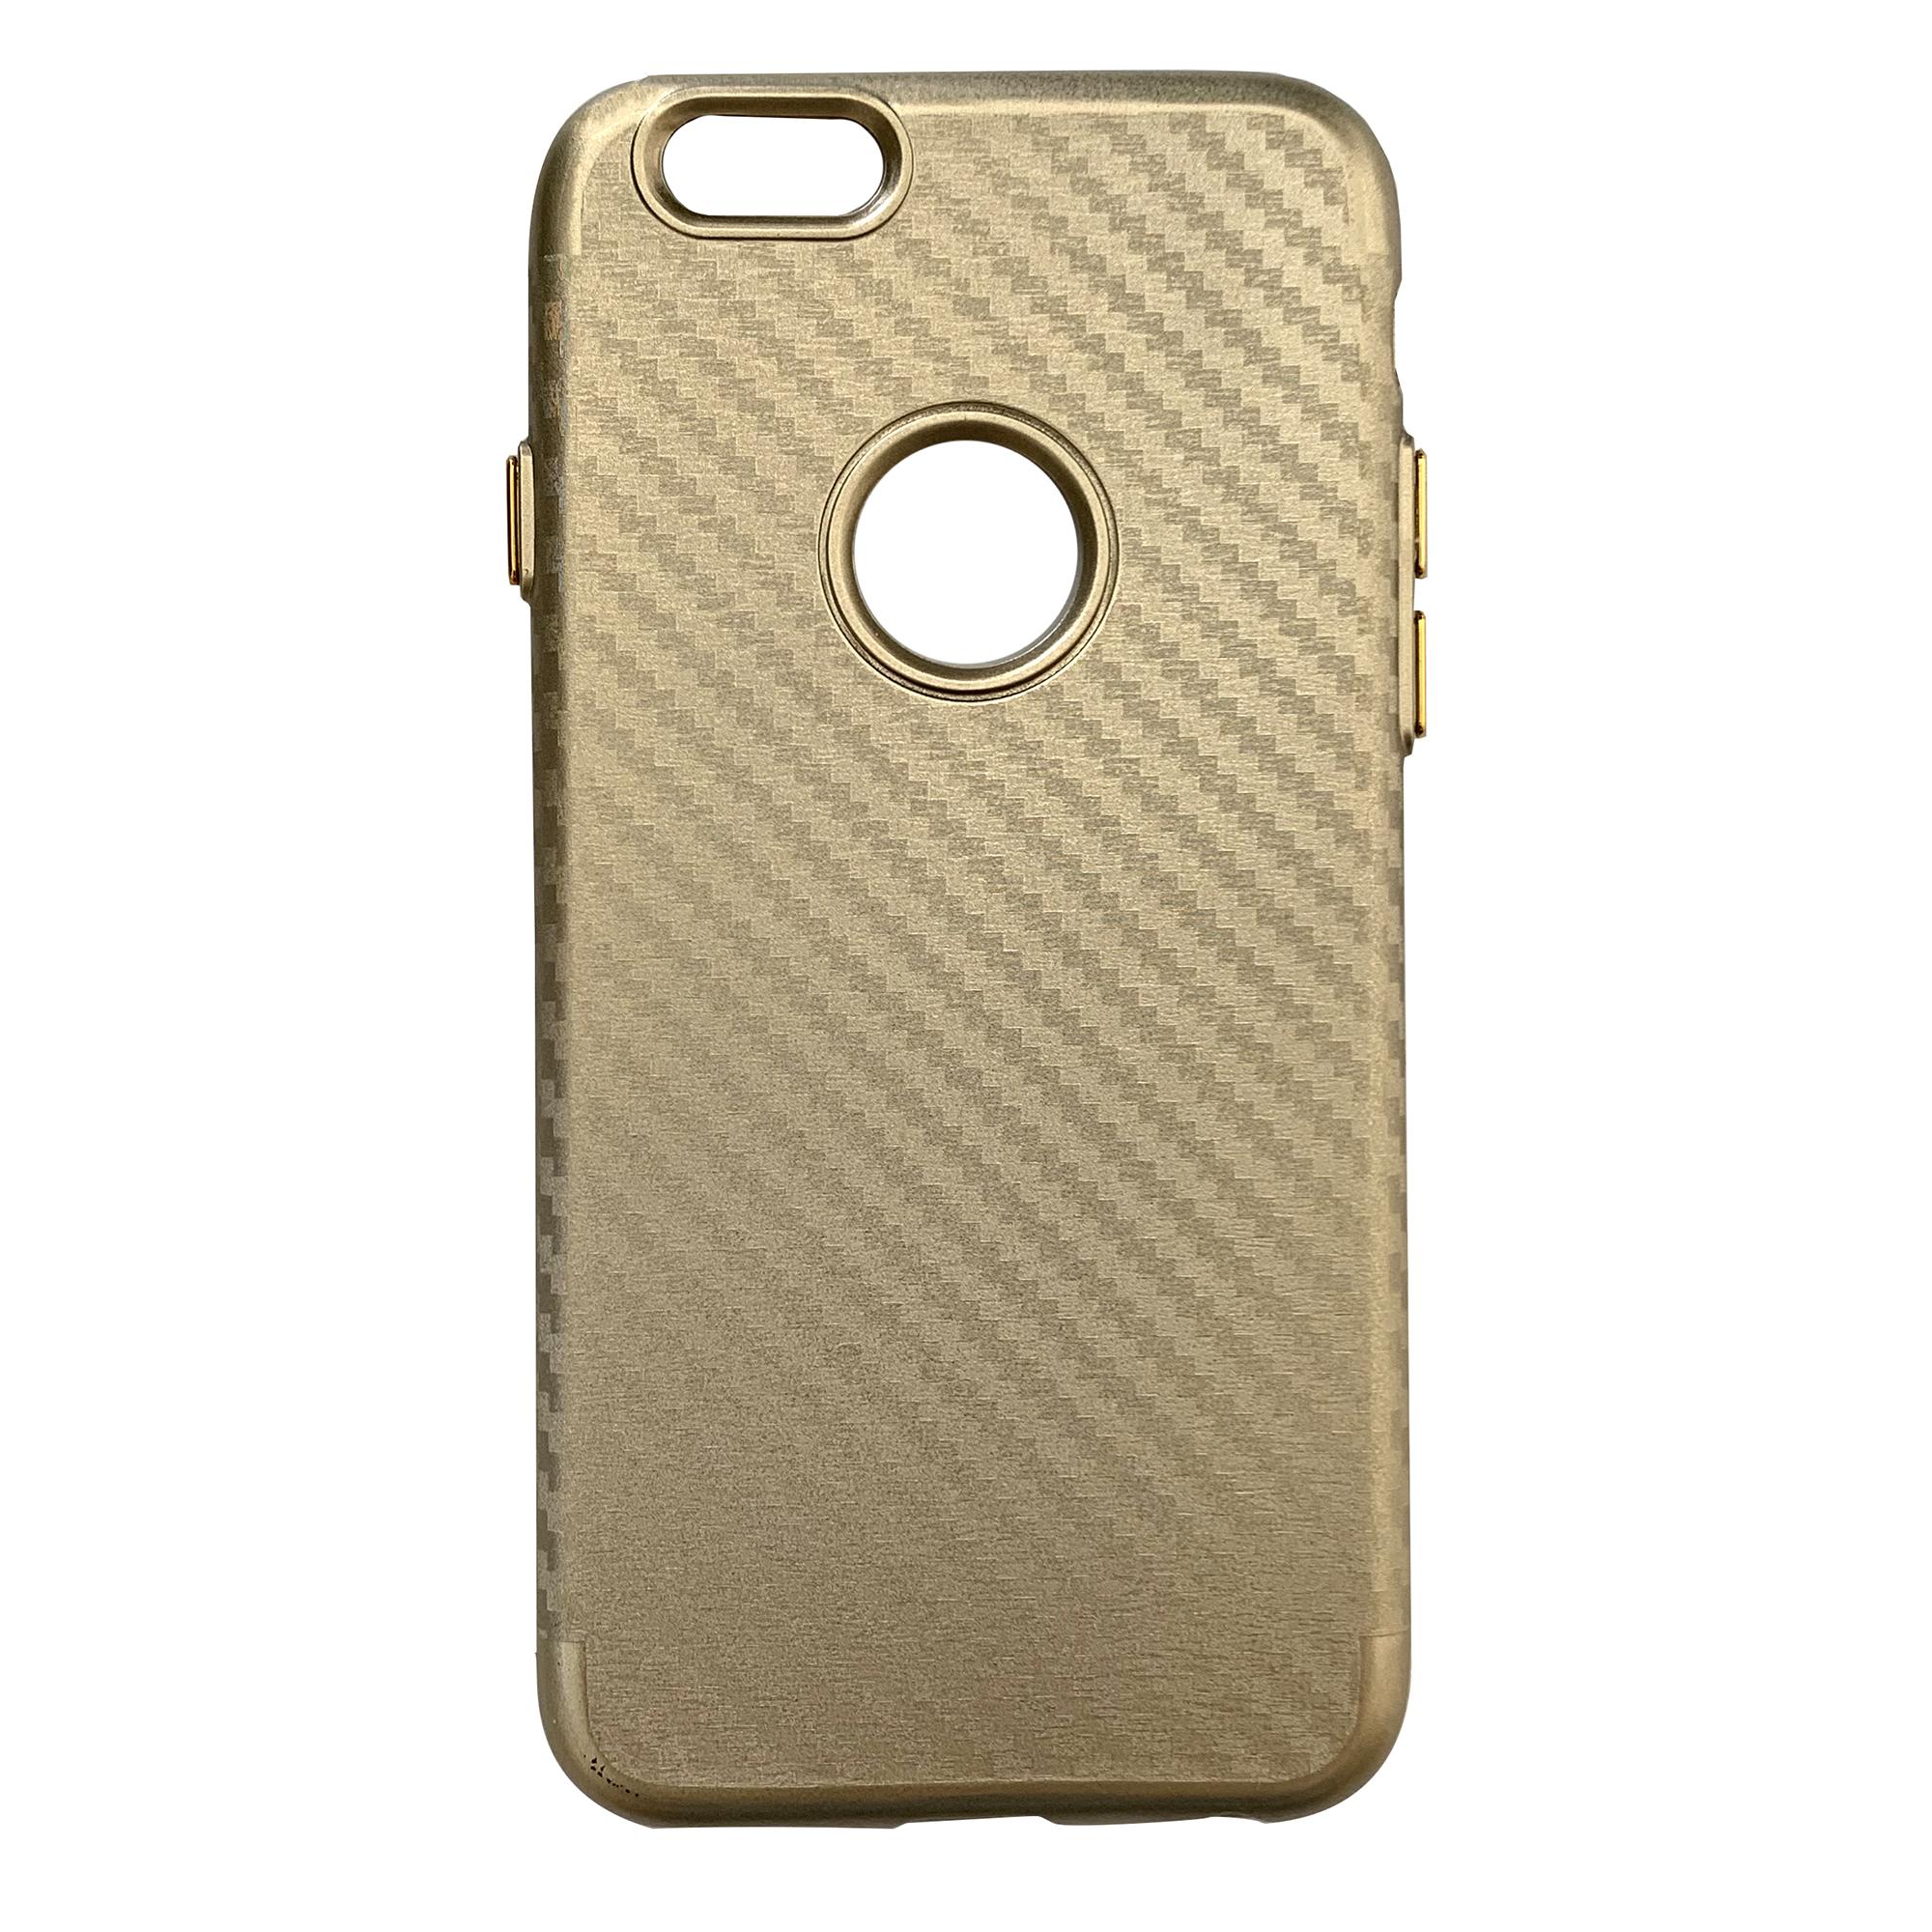 کاور مدل SPF مناسب برای گوشی موبایل اپل iphone 6